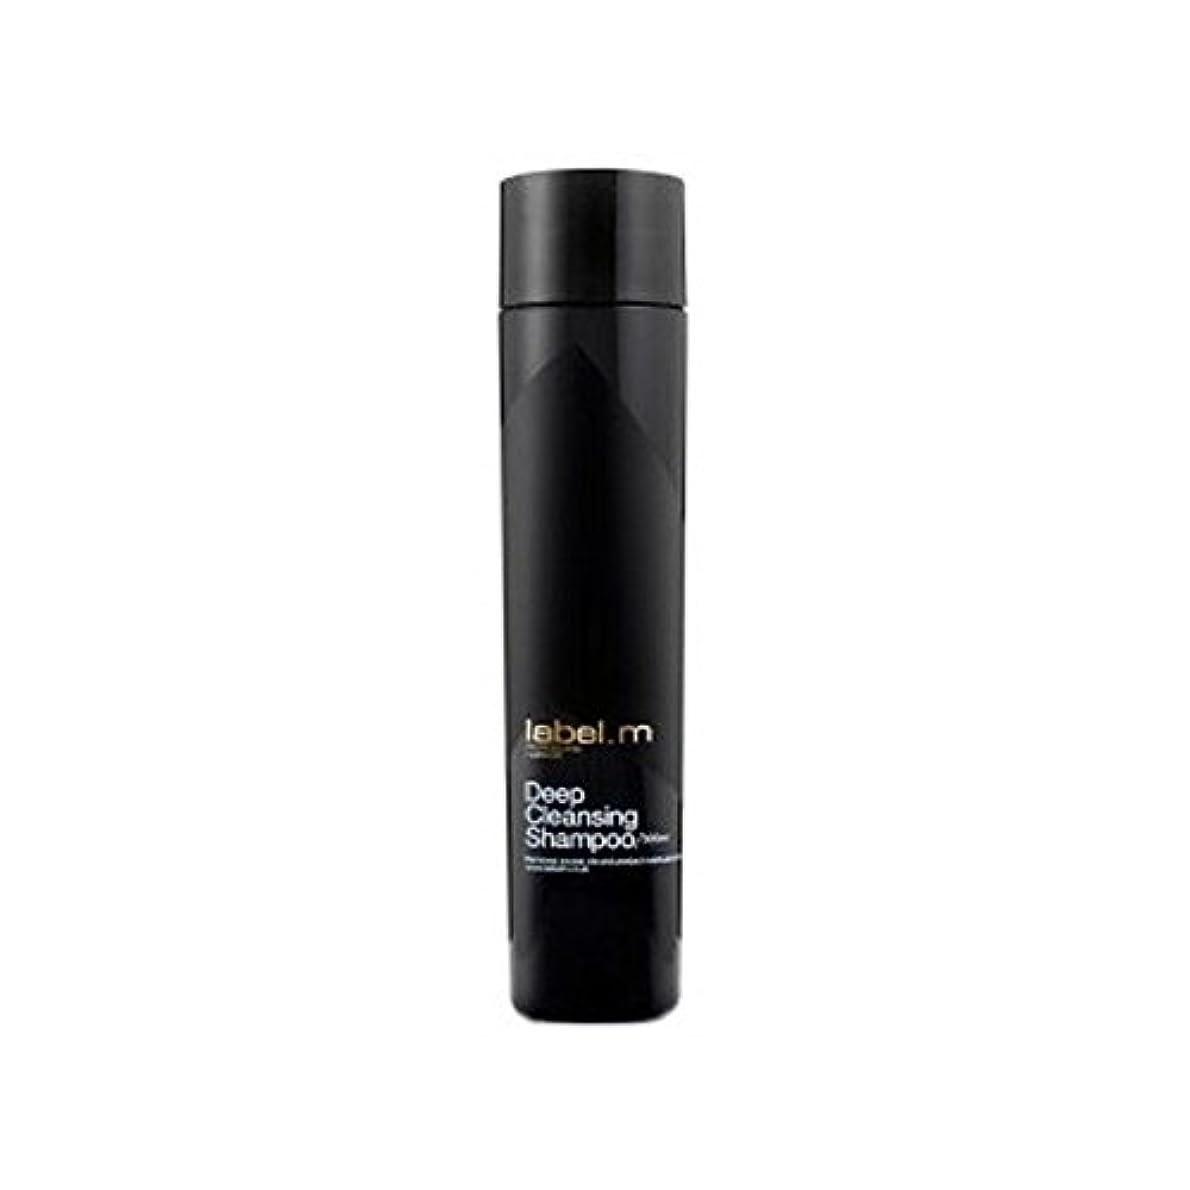 飼いならす問い合わせるヒープ.ディープクレンジングシャンプー(300ミリリットル) x4 - Label.M Deep Cleansing Shampoo (300ml) (Pack of 4) [並行輸入品]